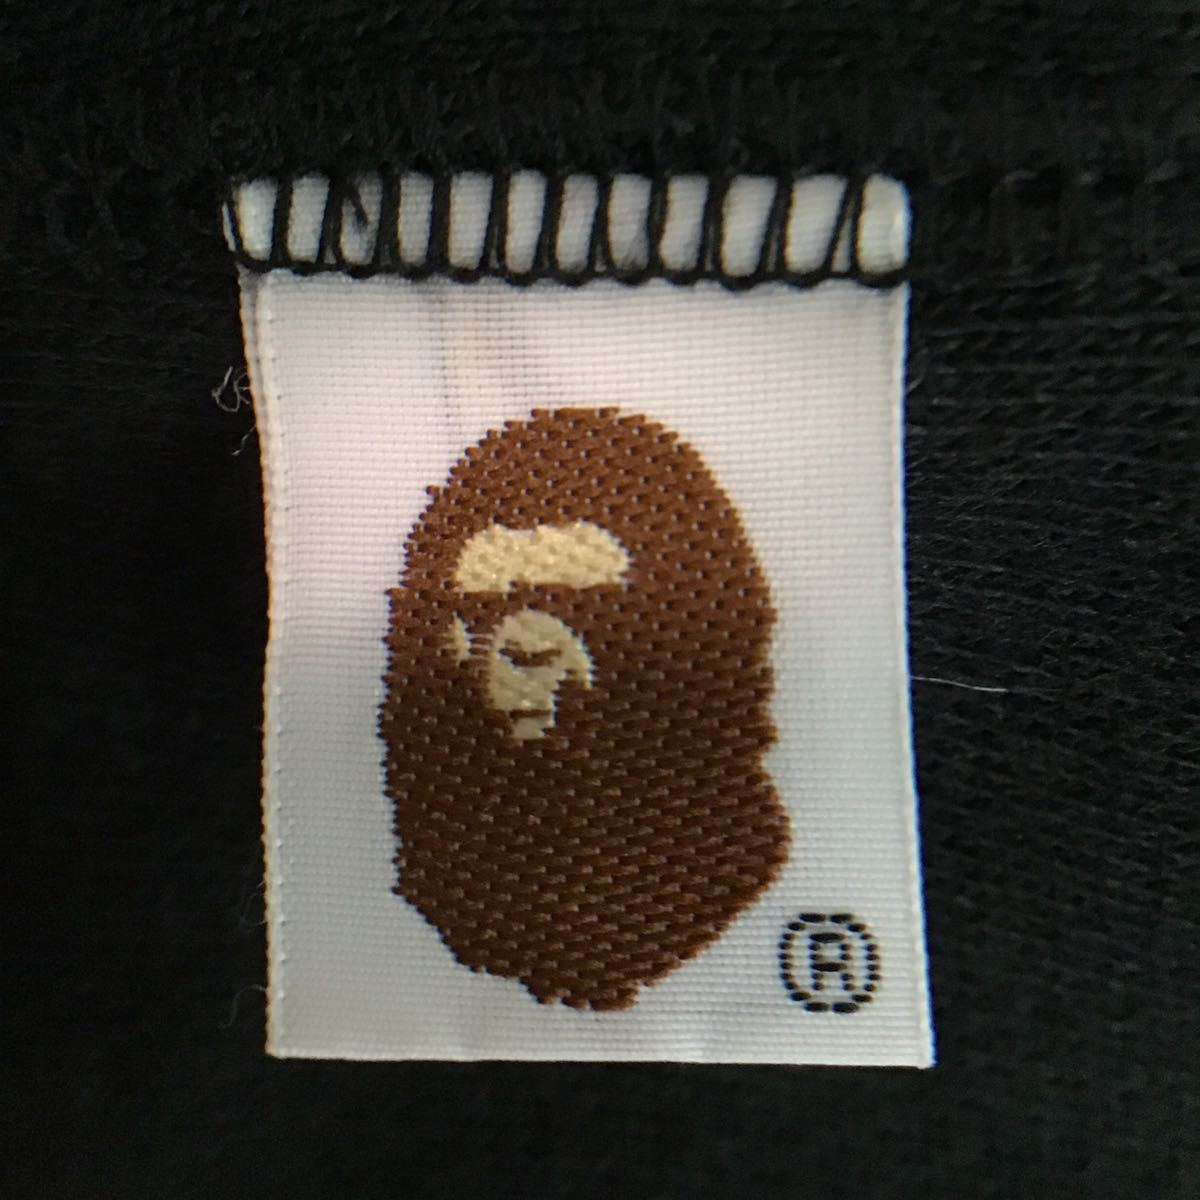 スワロフスキー スウェット フード ベスト Lサイズ a bathing ape bape swarovski hoodie vest エイプ ベイプ パーカー ラインストーン 142